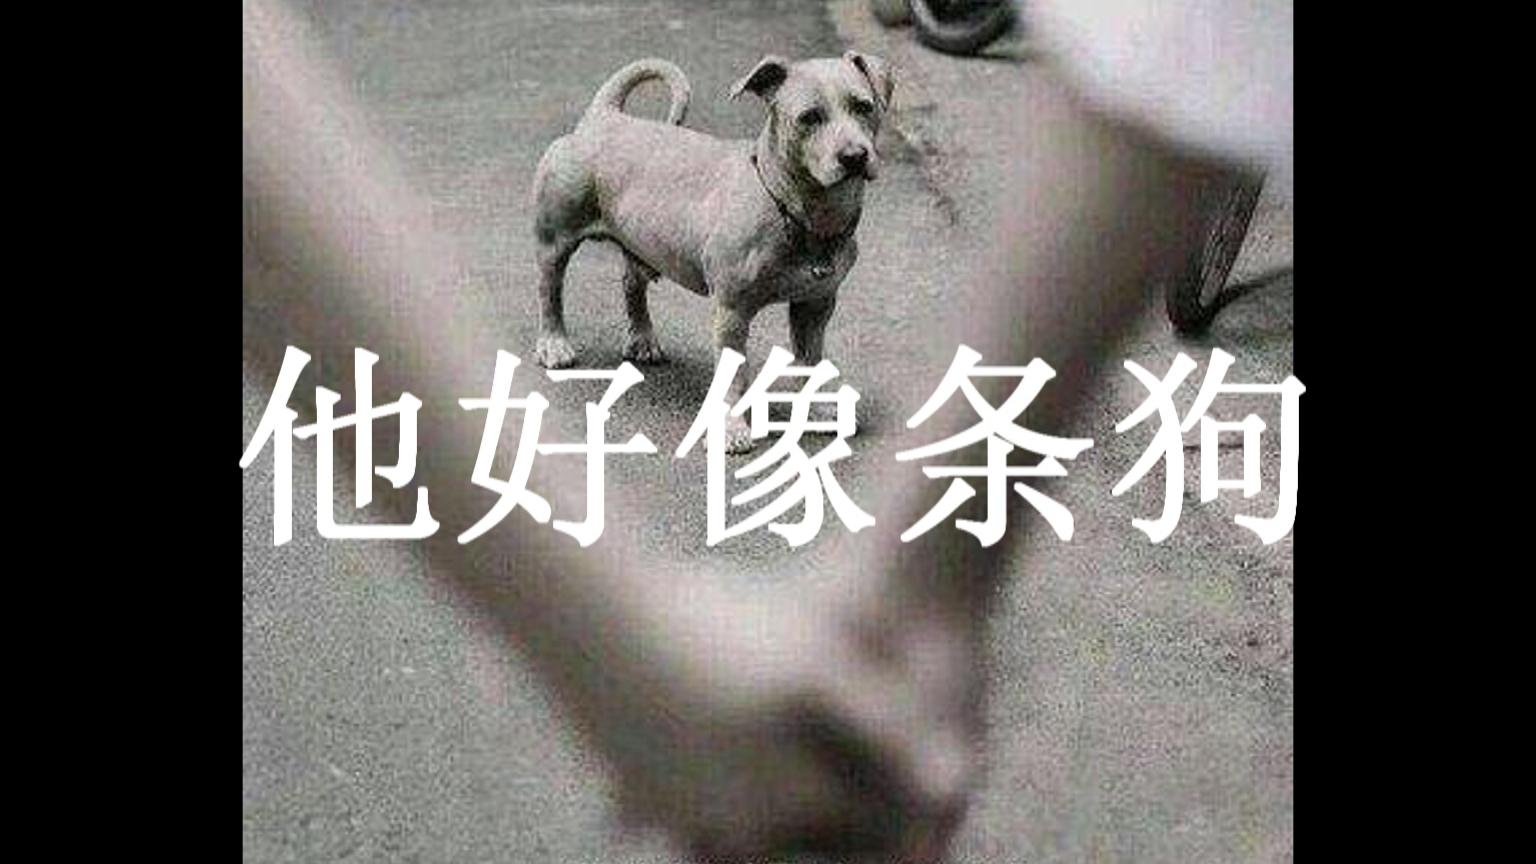 答应我好不好,不要做舔狗,你会被伤的!